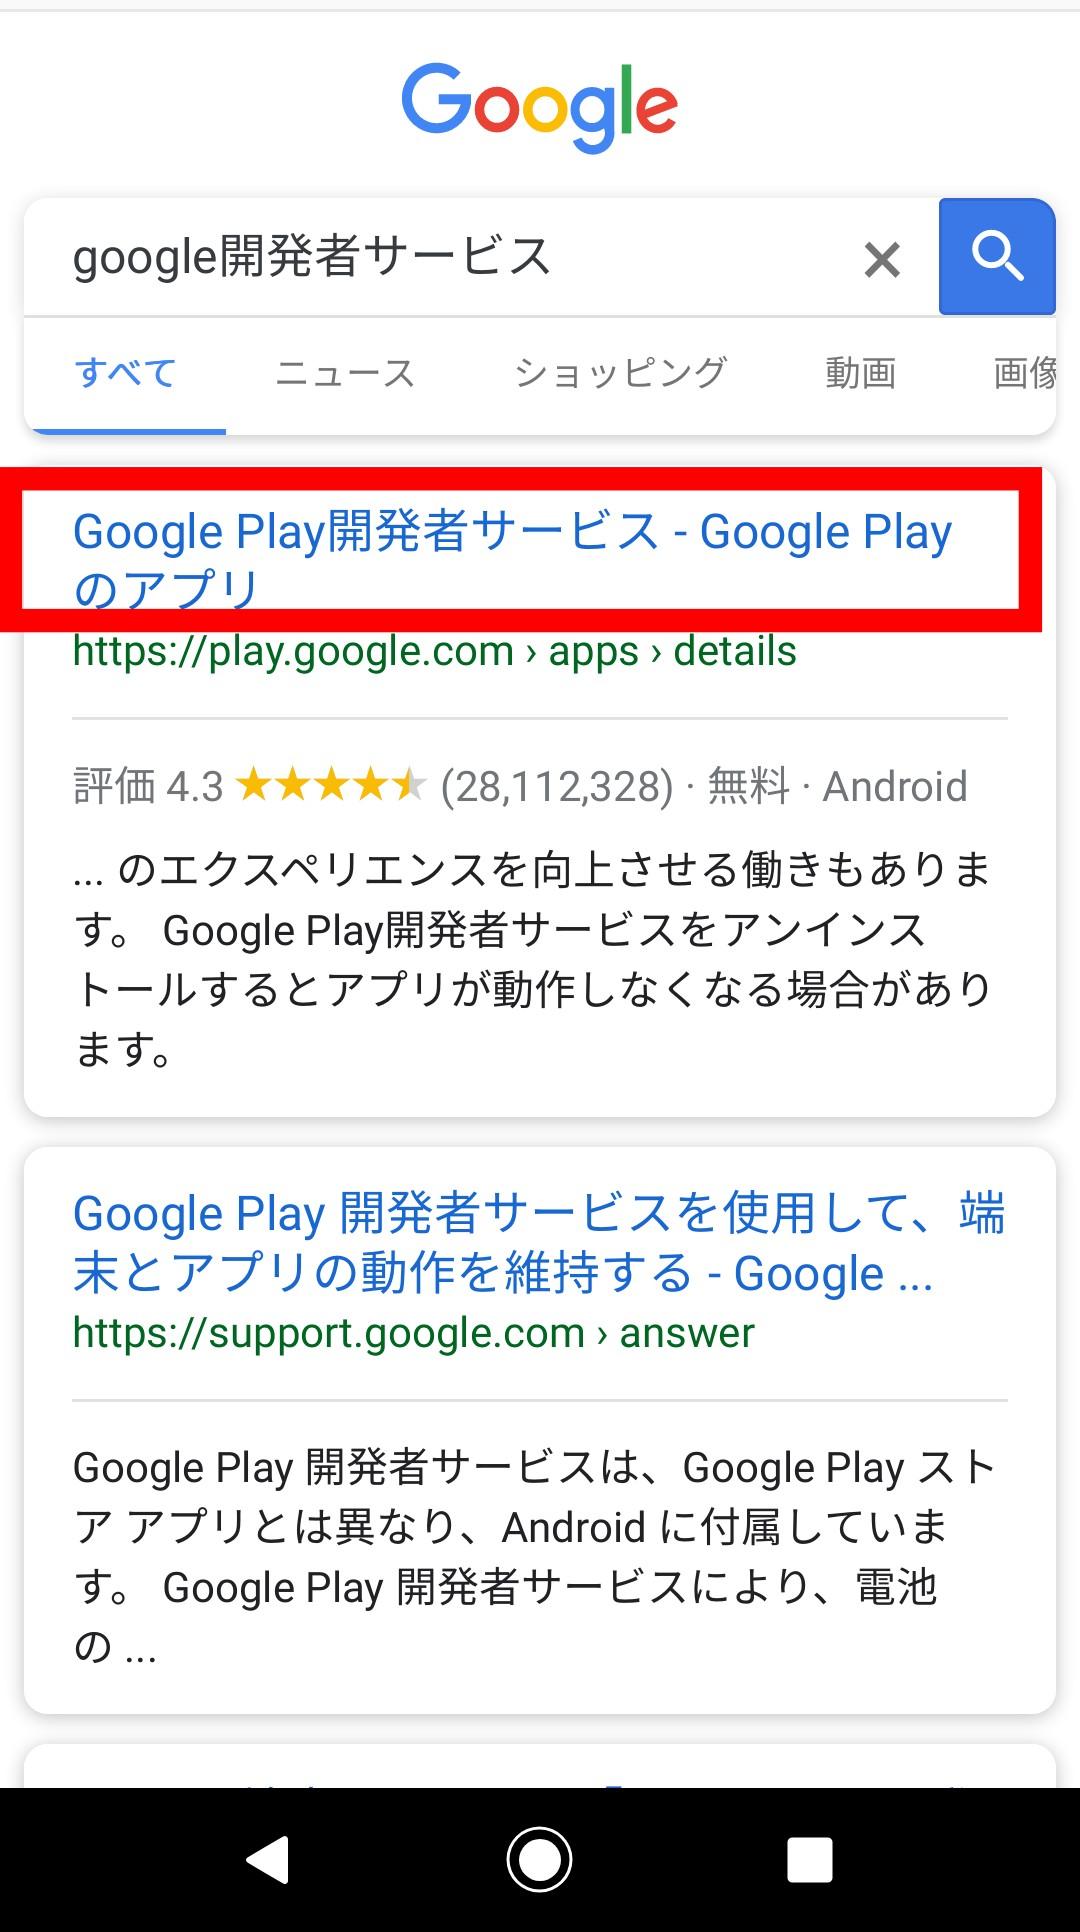 スマホ Google Play開発者サービス